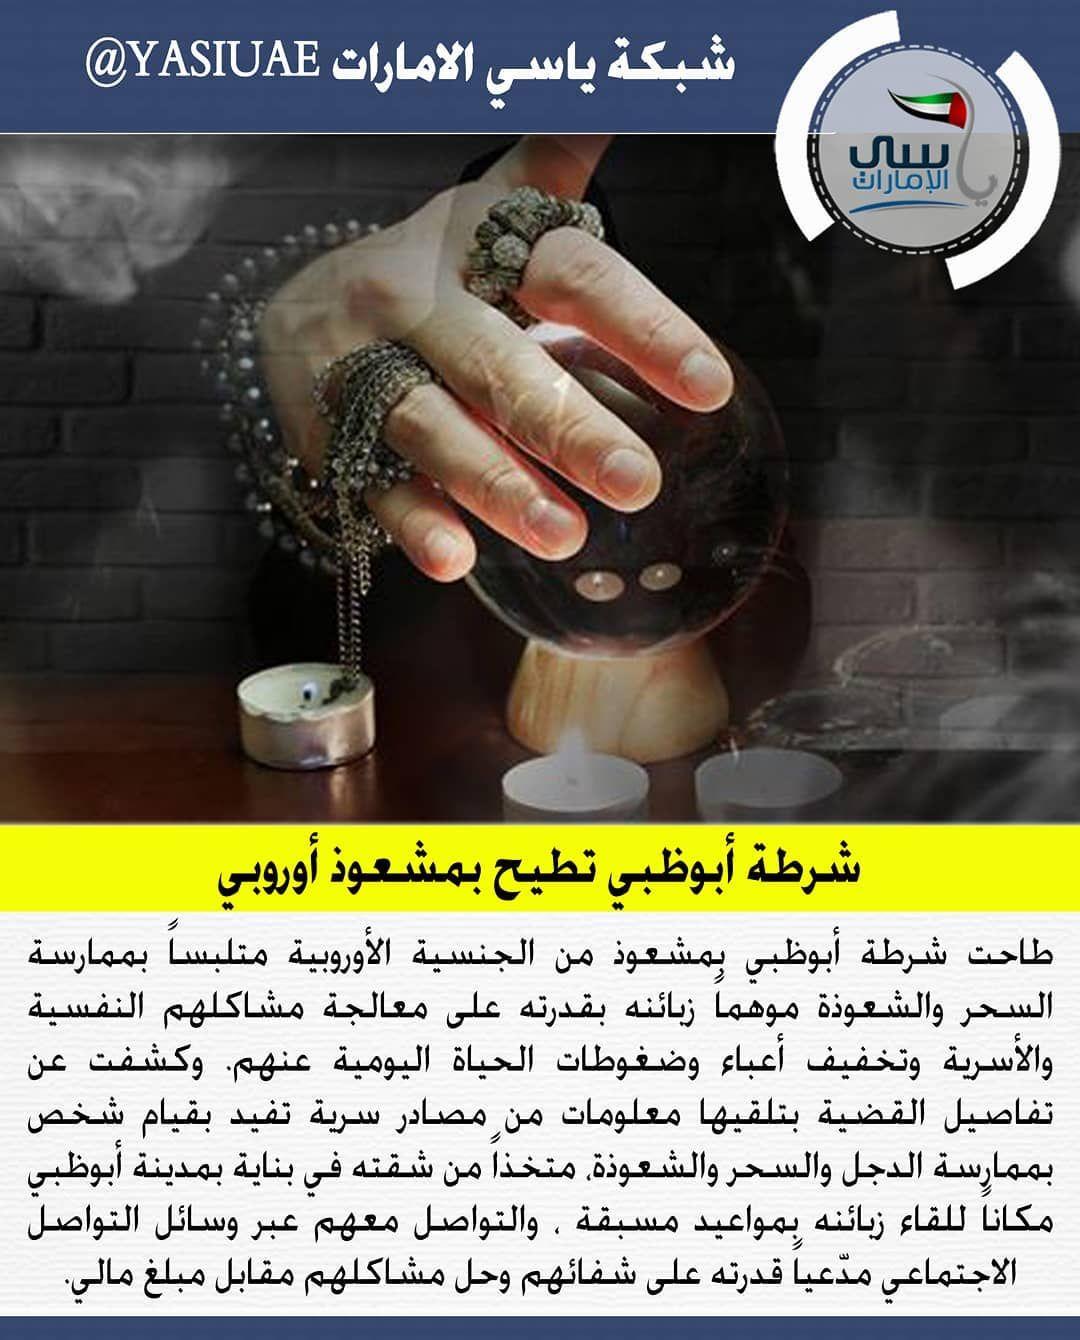 شرطة أبوظبي ياسي الامارات شبكة ياسي الامارات اخبار الامارات ابوظبي Adpolicehq